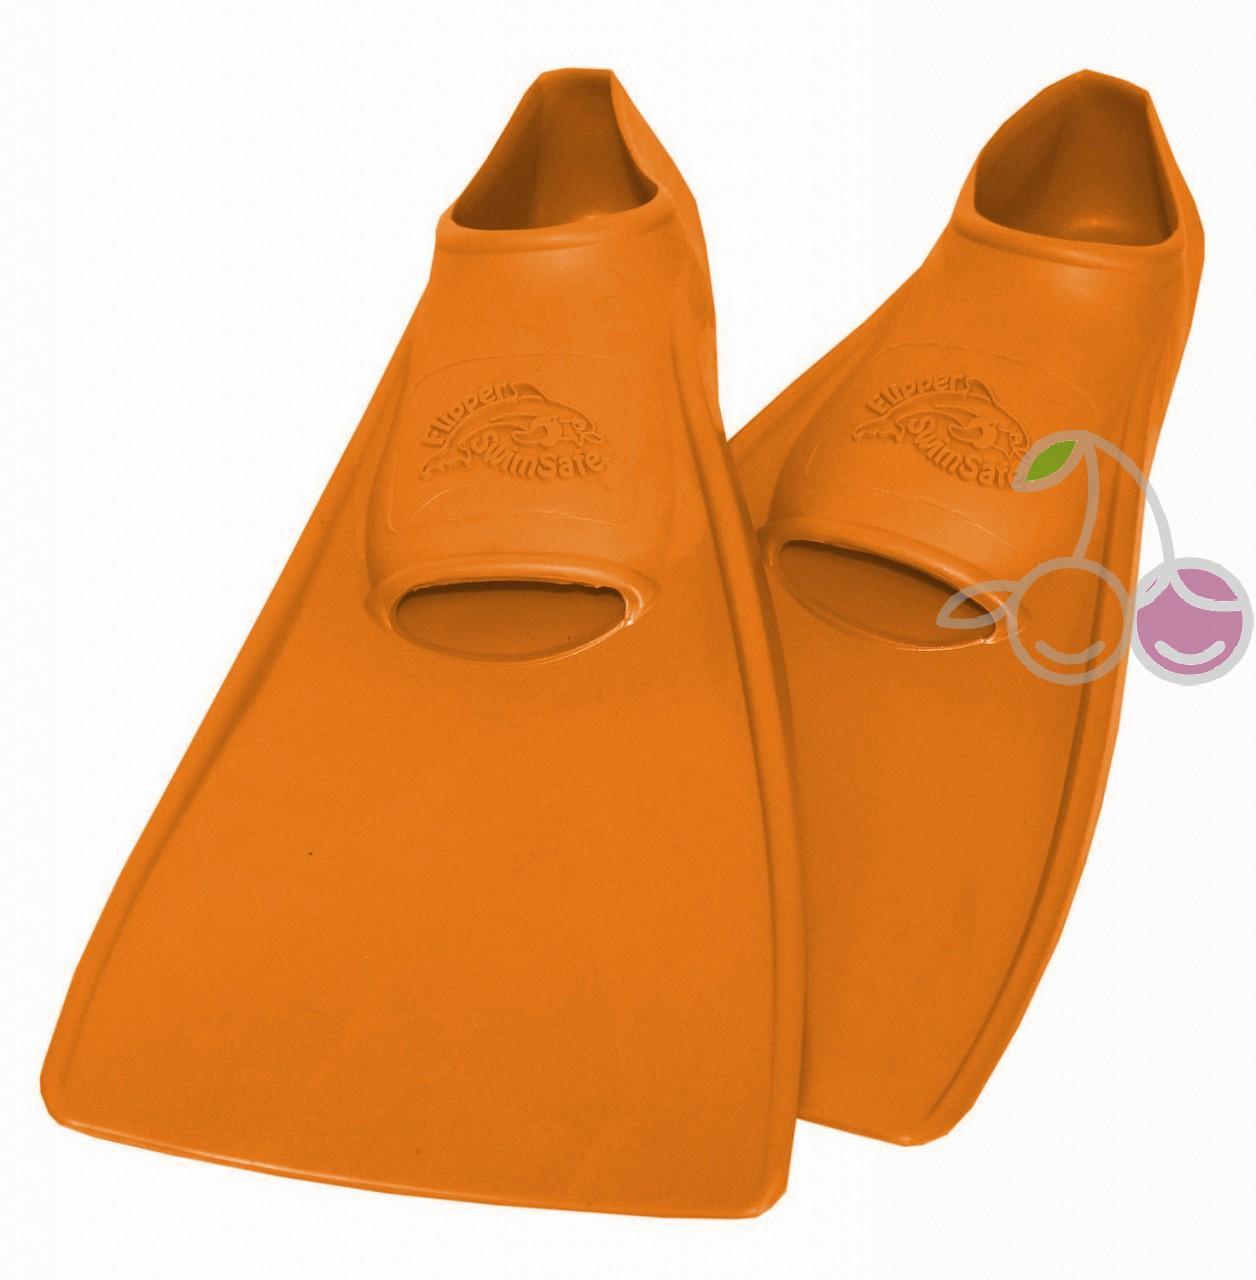 Ласты для бассейна резиновые детские размеры 21-22 оранжевые ПРОПЕРКЭРРИ (ProperCarry), - фото 1